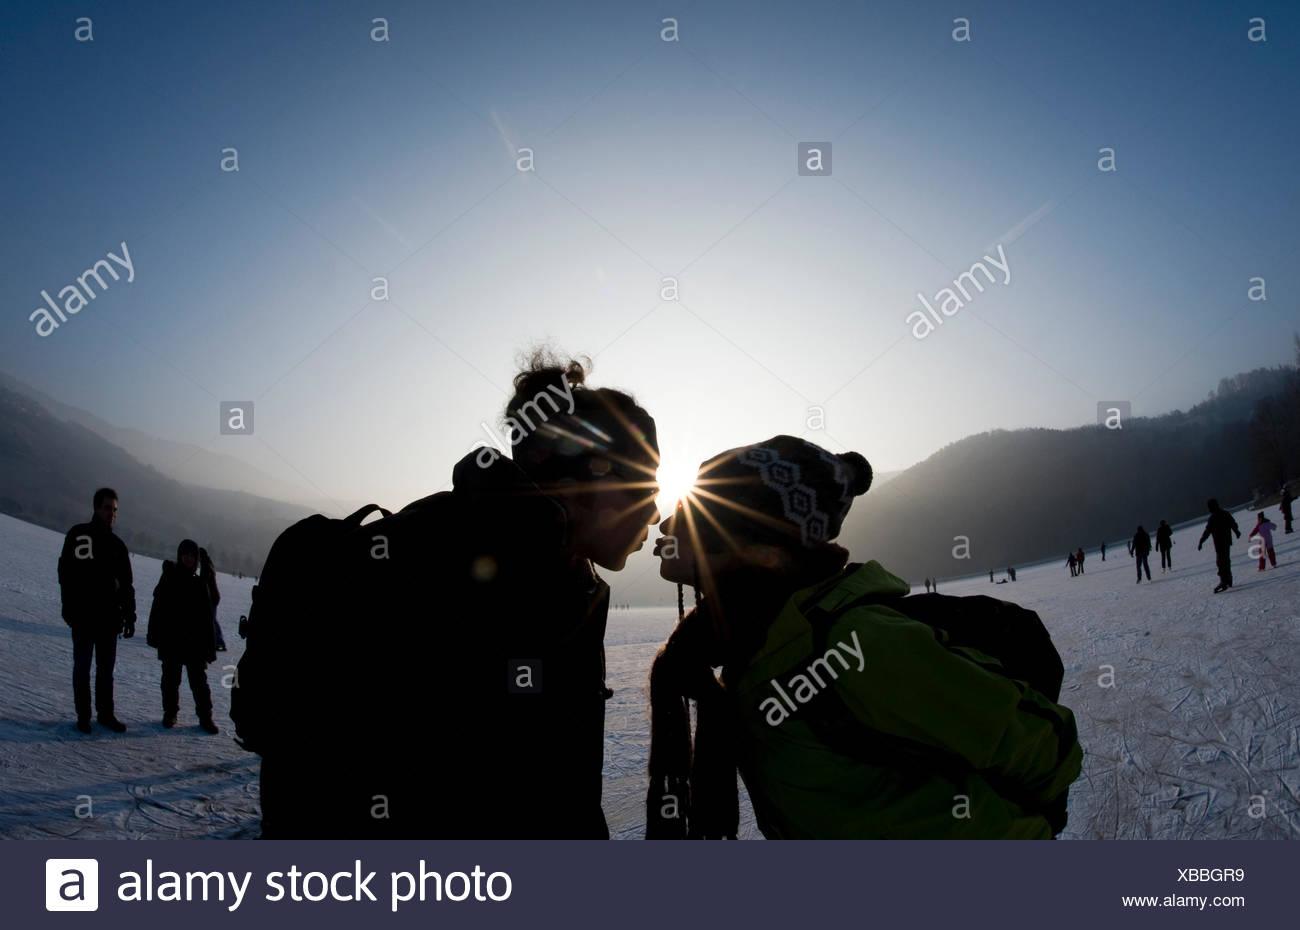 Foto Op Kussen : Paar küssen auf der eisbahn im gegenlicht stockfoto bild